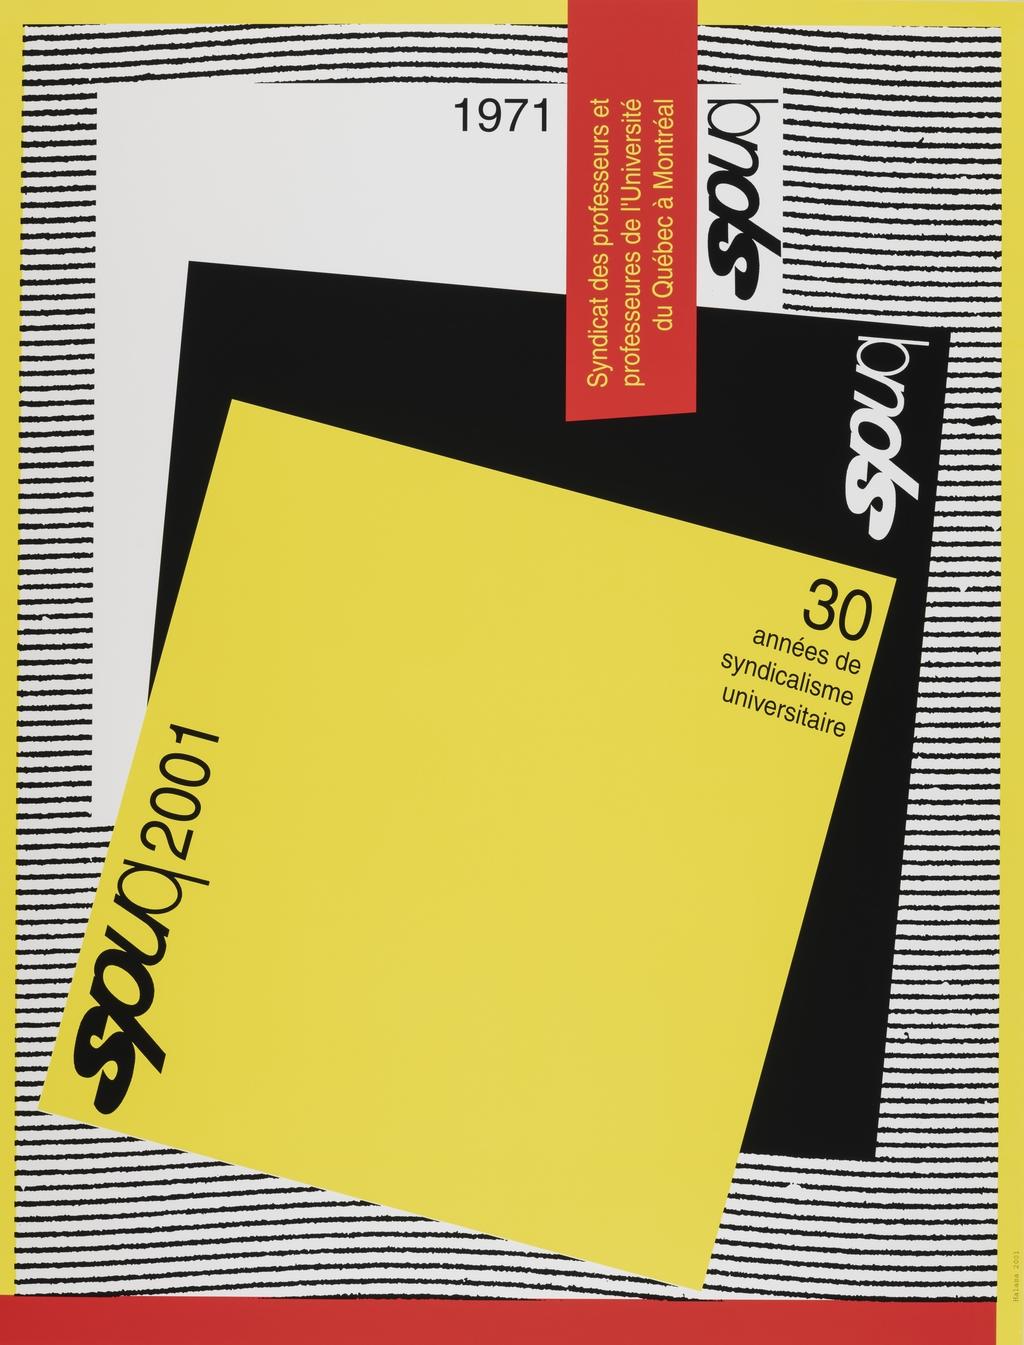 SPUQ 1971-2001. 30 Années de syndicalisme universitaire